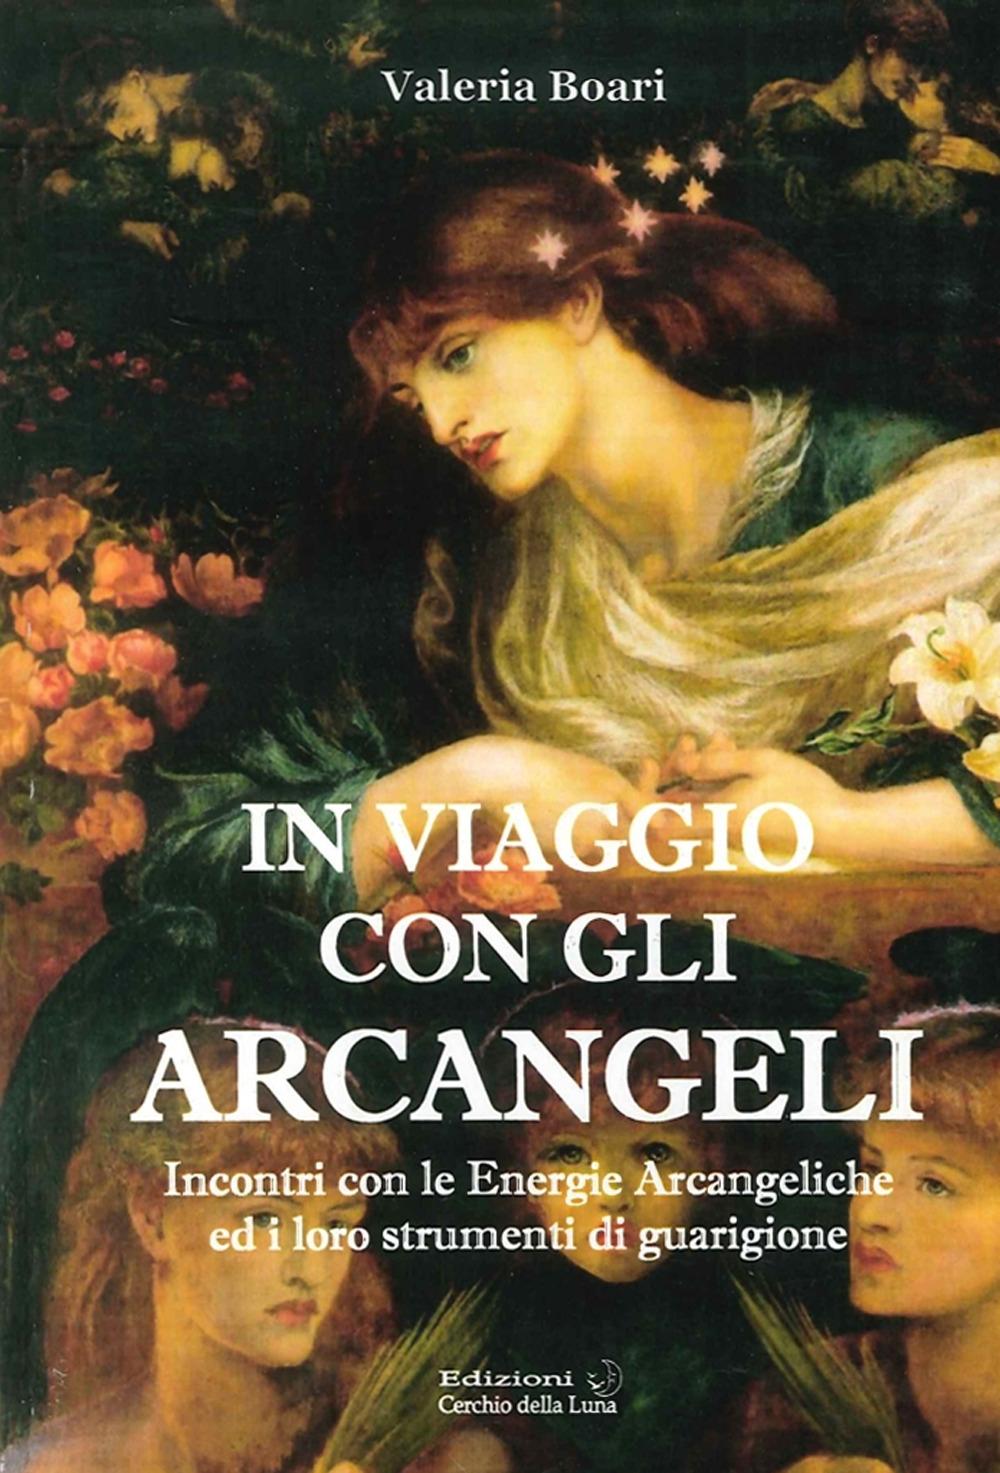 In Viaggio con gli Arcangeli.